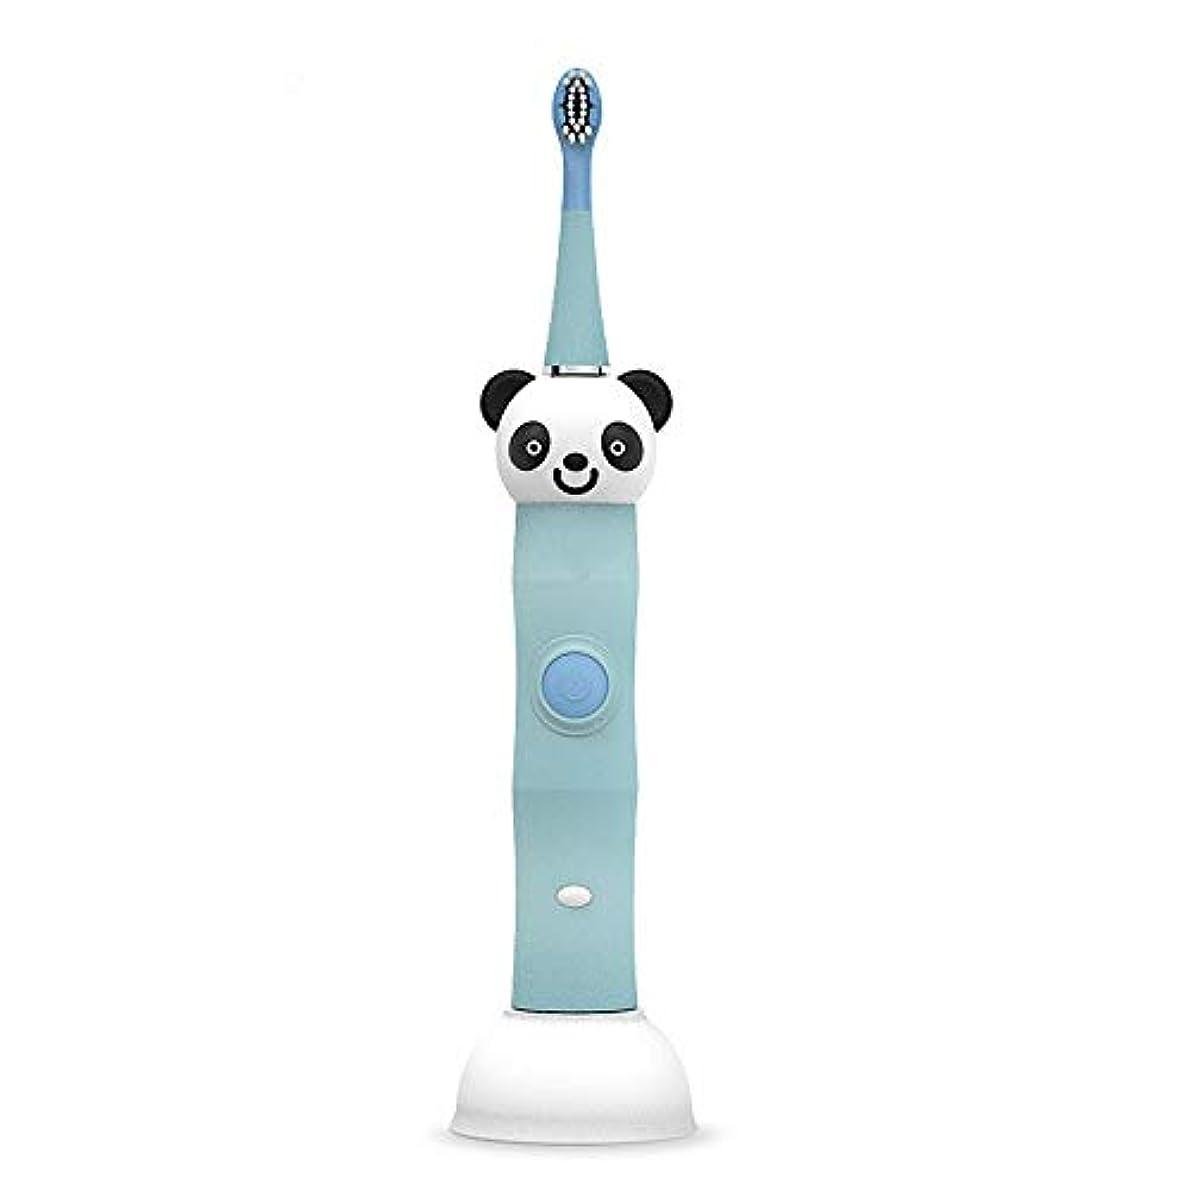 クリームペイント静める電動歯ブラシ 毎日の使用のためのUSBの充満基盤の柔らかい毛のきれいな歯ブラシと防水子供の電動歯ブラシ 大人と子供向け (色 : 青, サイズ : Free size)